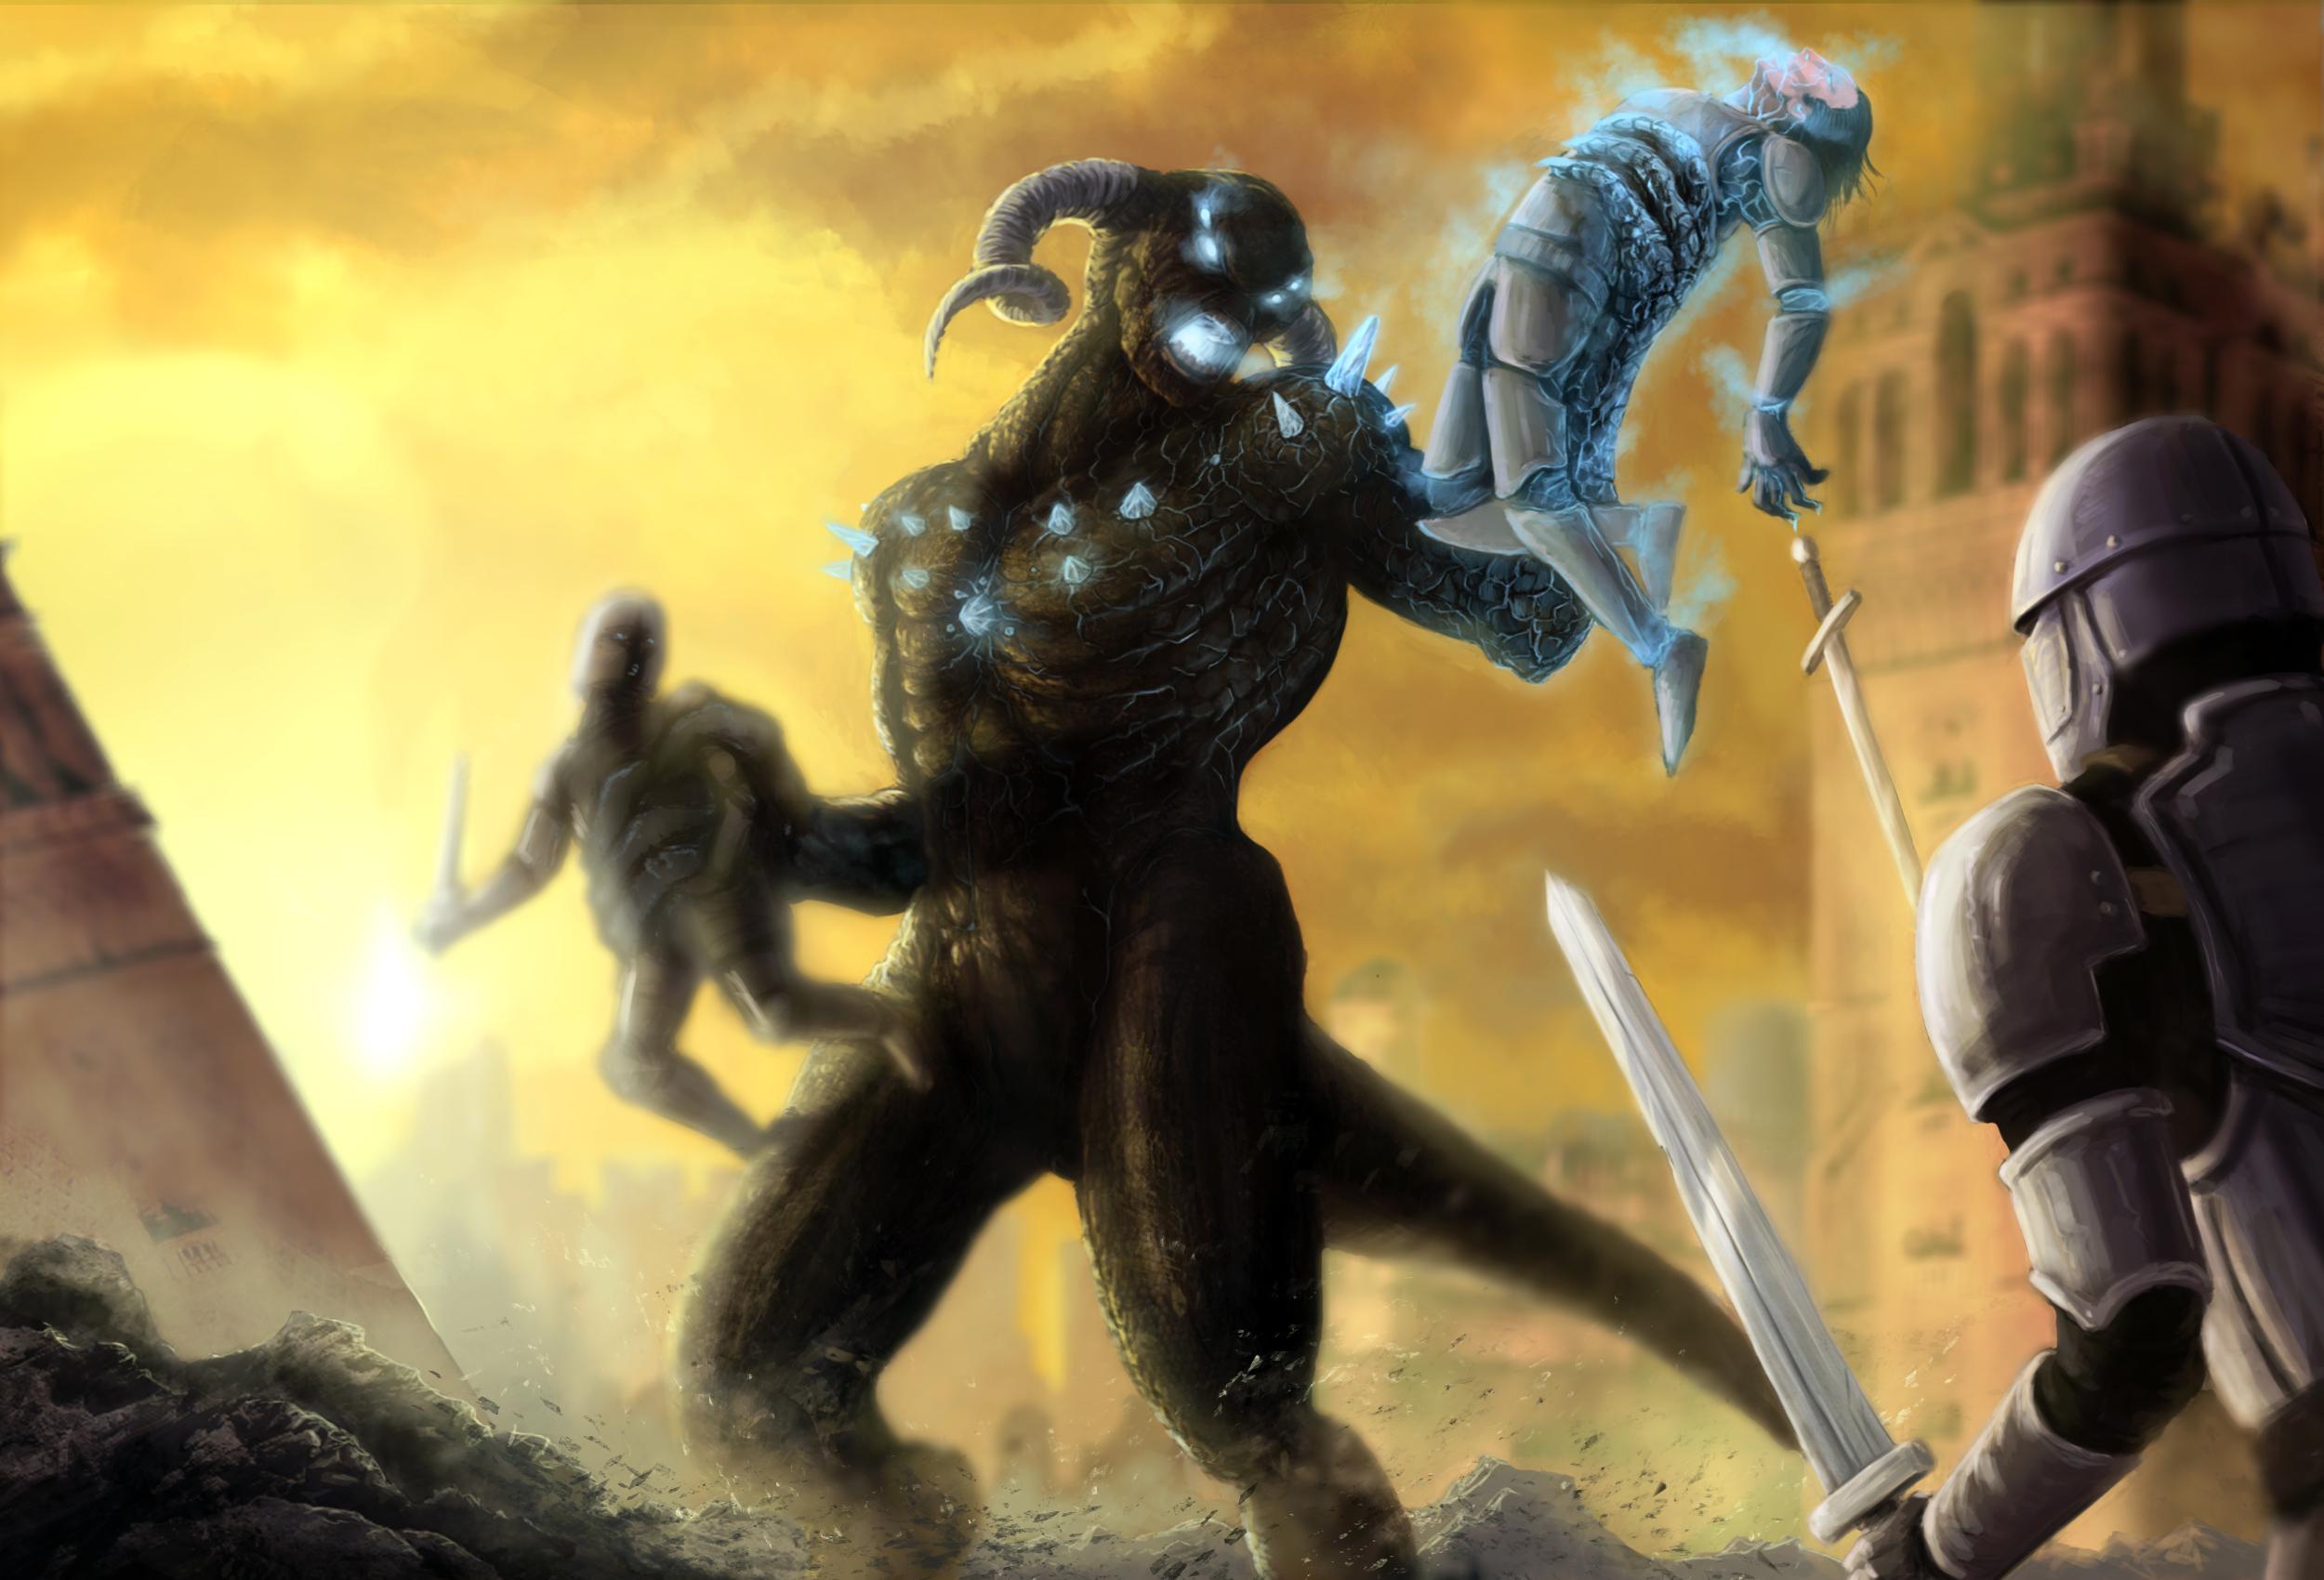 The Greate Grimataur